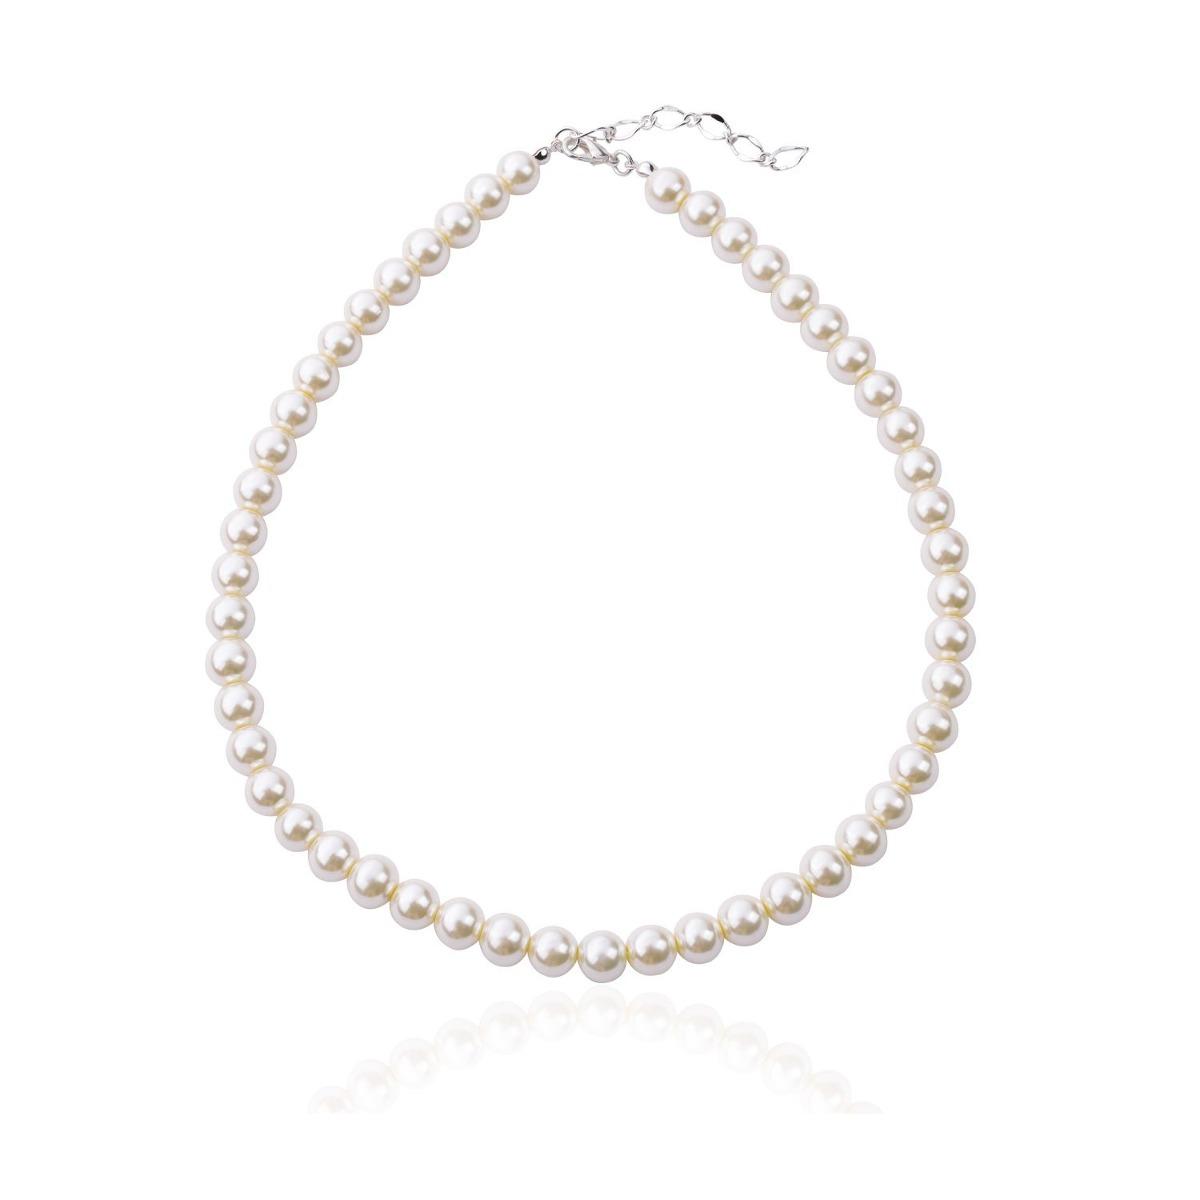 9580fe337d2d ginasy simulado collar de perlas para mujeres niñas - cue. Cargando zoom.